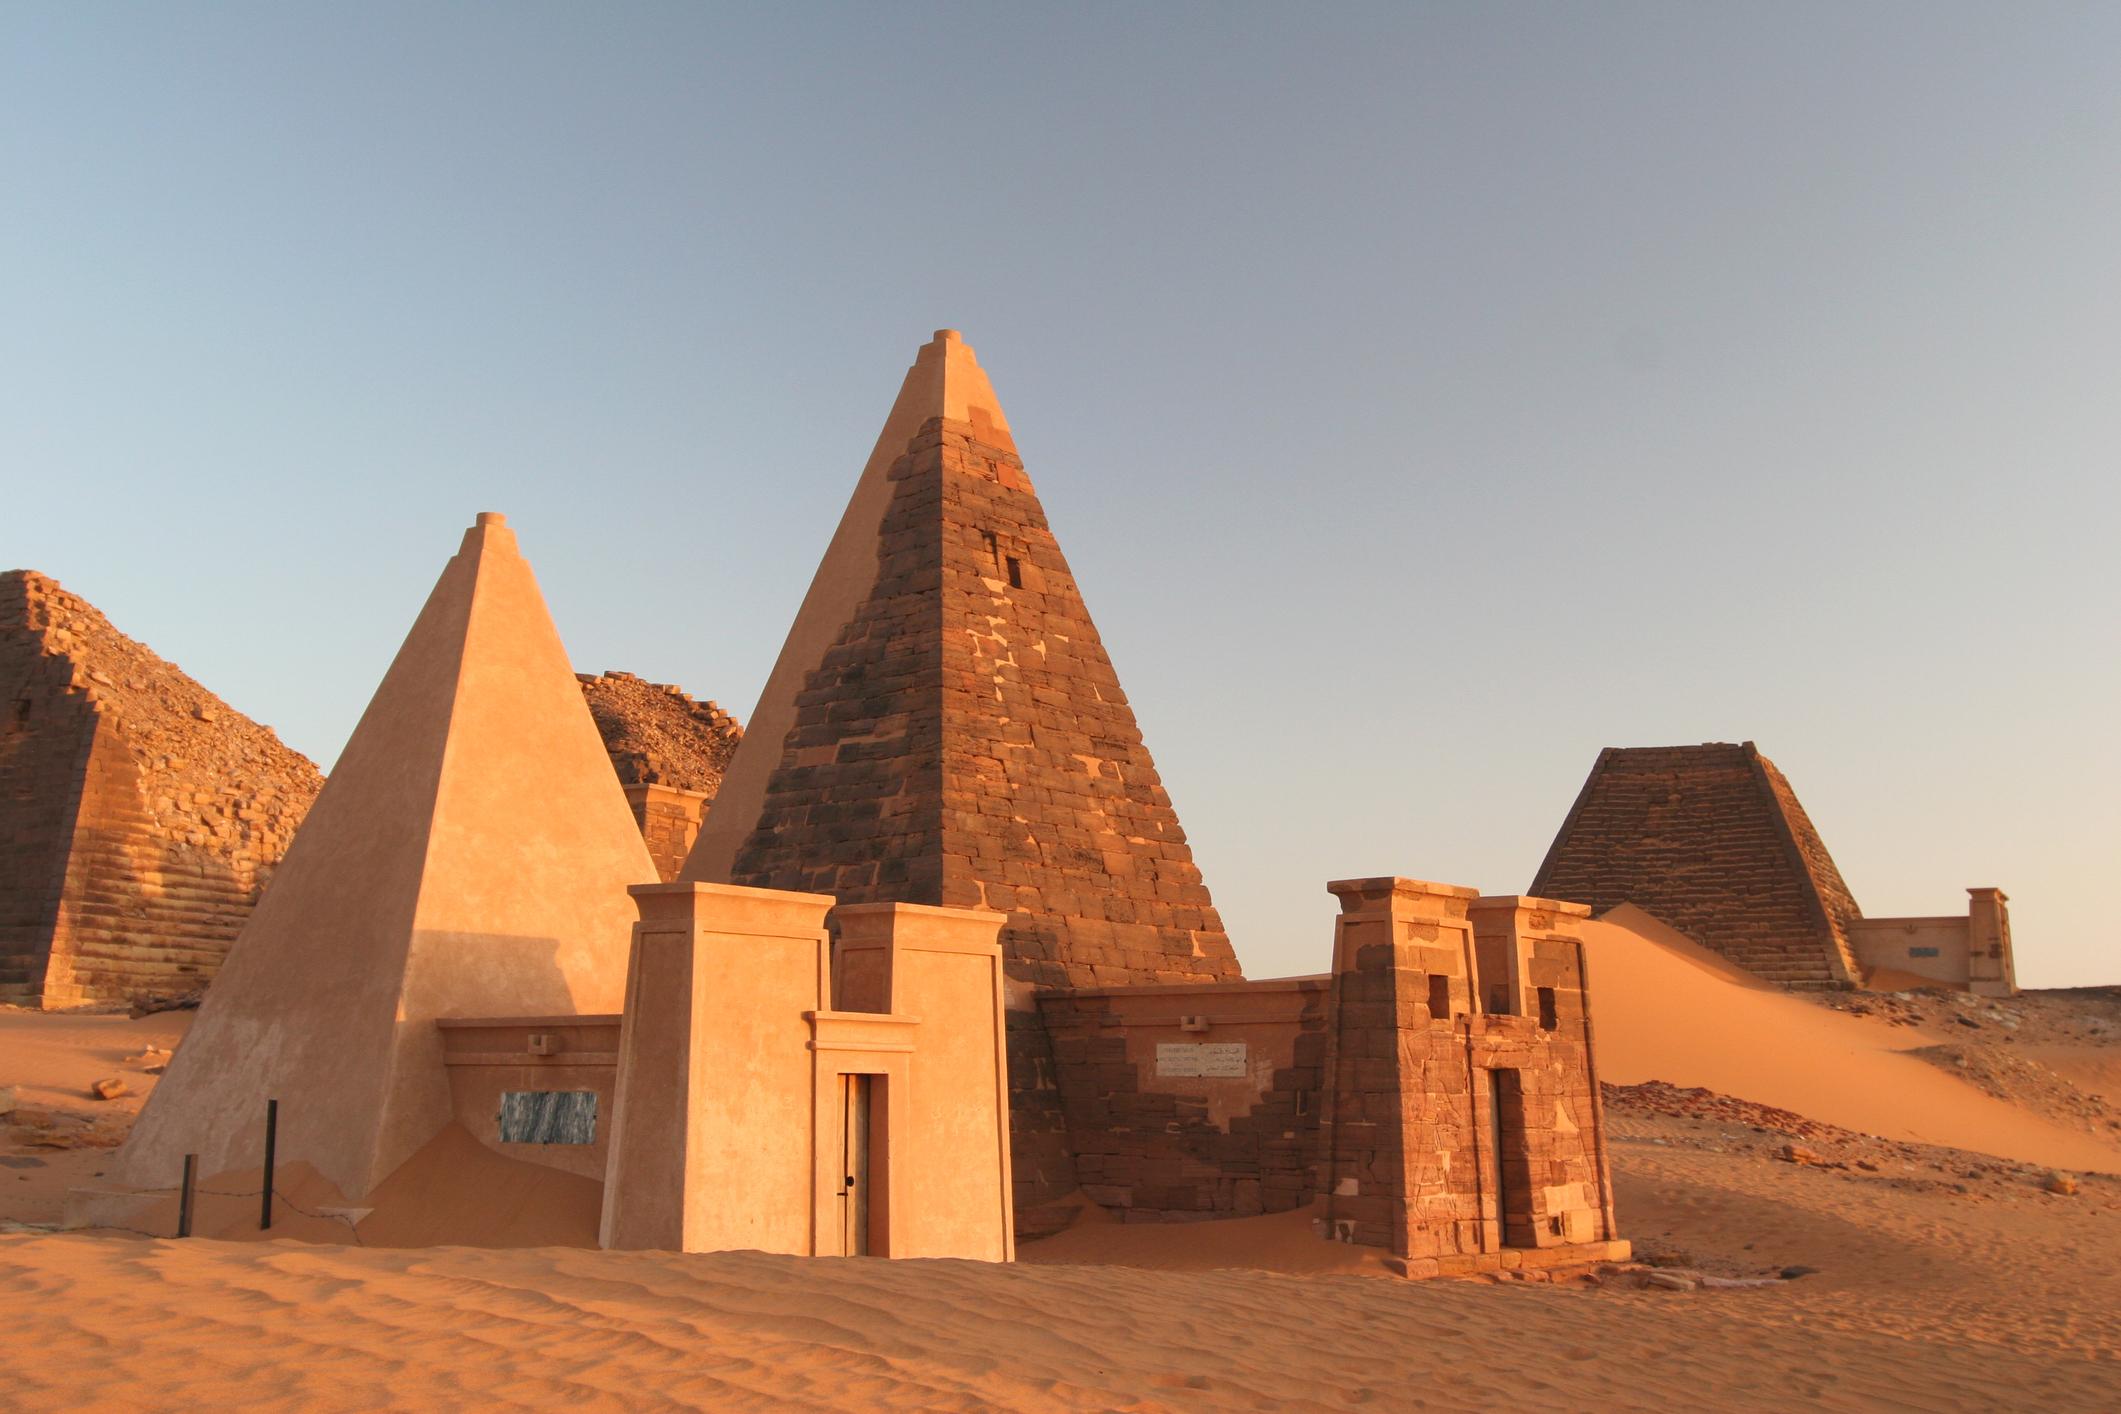 ad5852bfe03a Egyptair repülőjegyek Afrikába 131 900 Ft-tól (5 úti cél + poggyász)